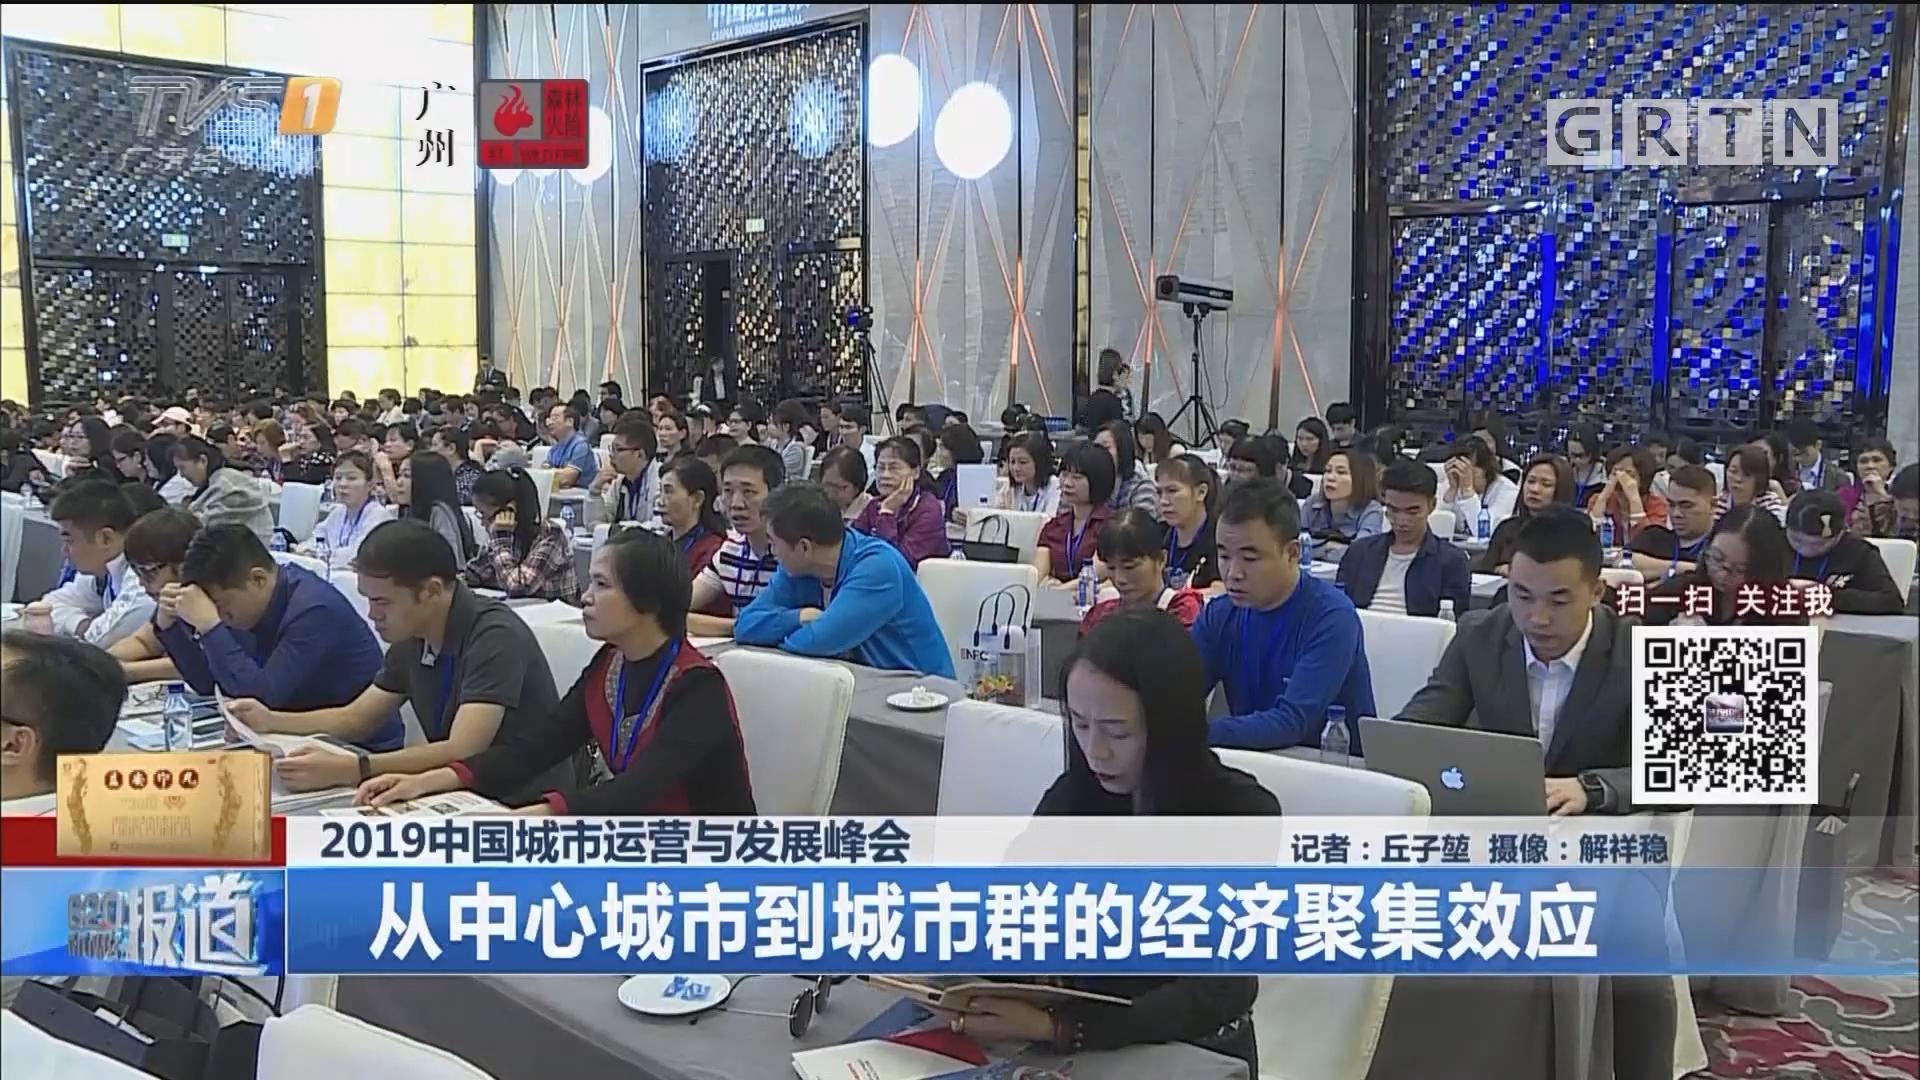 2019中國城市運營與發展峰會 從中心城市到城市群的經濟聚集效應